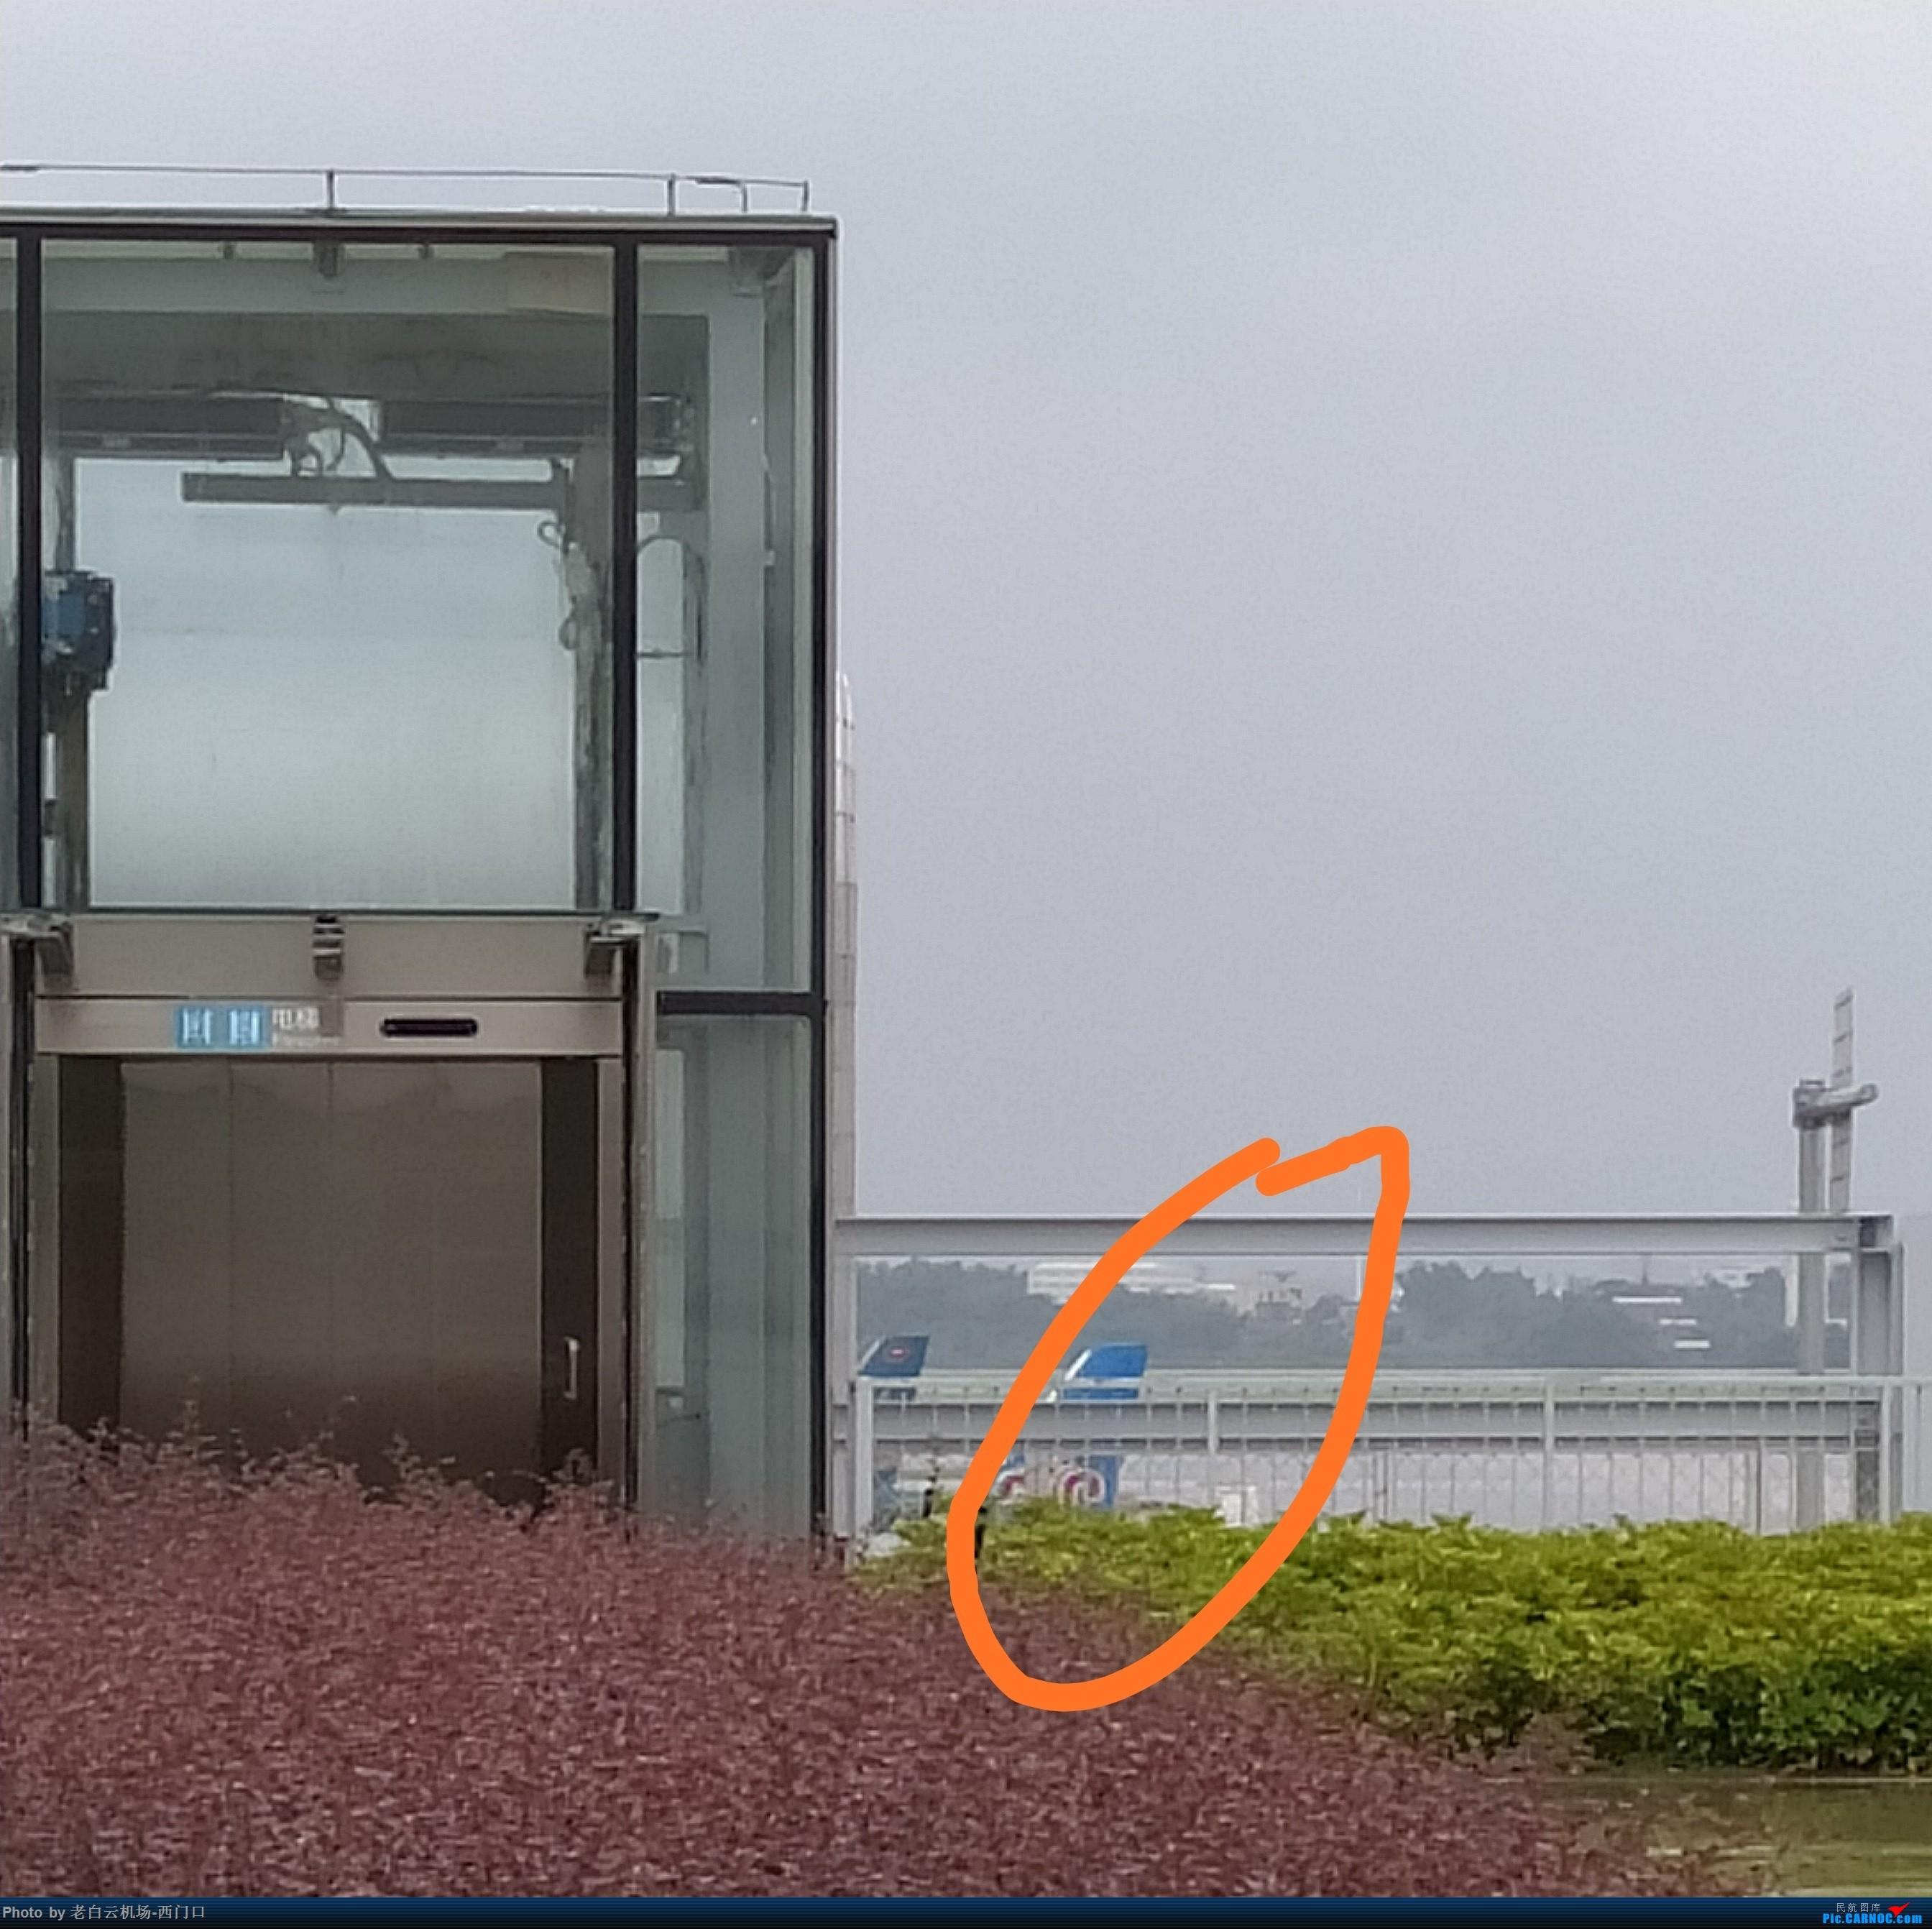 Re:[原创]【梁泽希拍机故事15】2019年第十七次拍机 AIRBUS A321-200 不明 中国广州白云国际机场